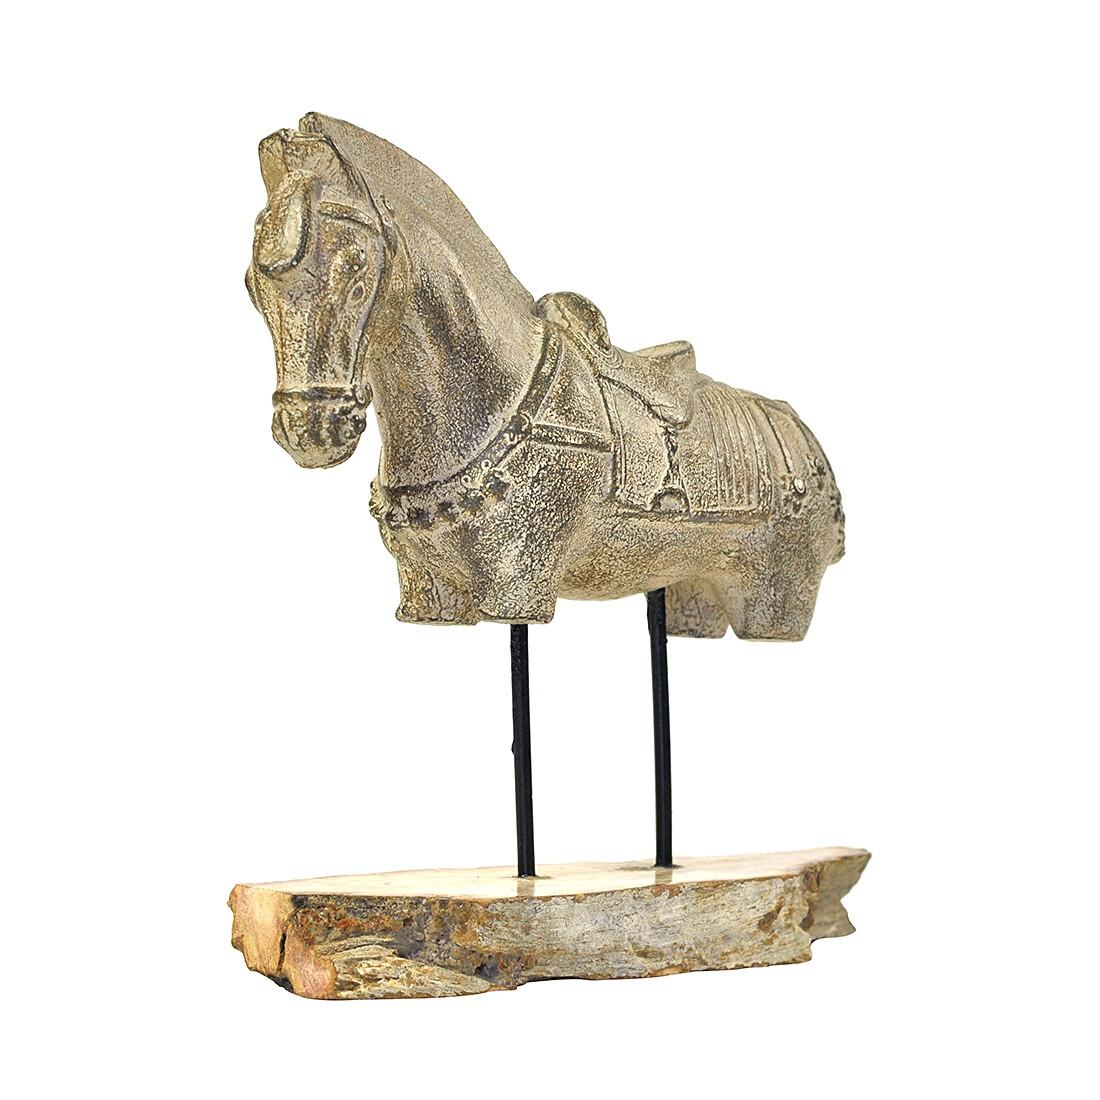 Skulptur Etalon, Jung & Söhne günstig